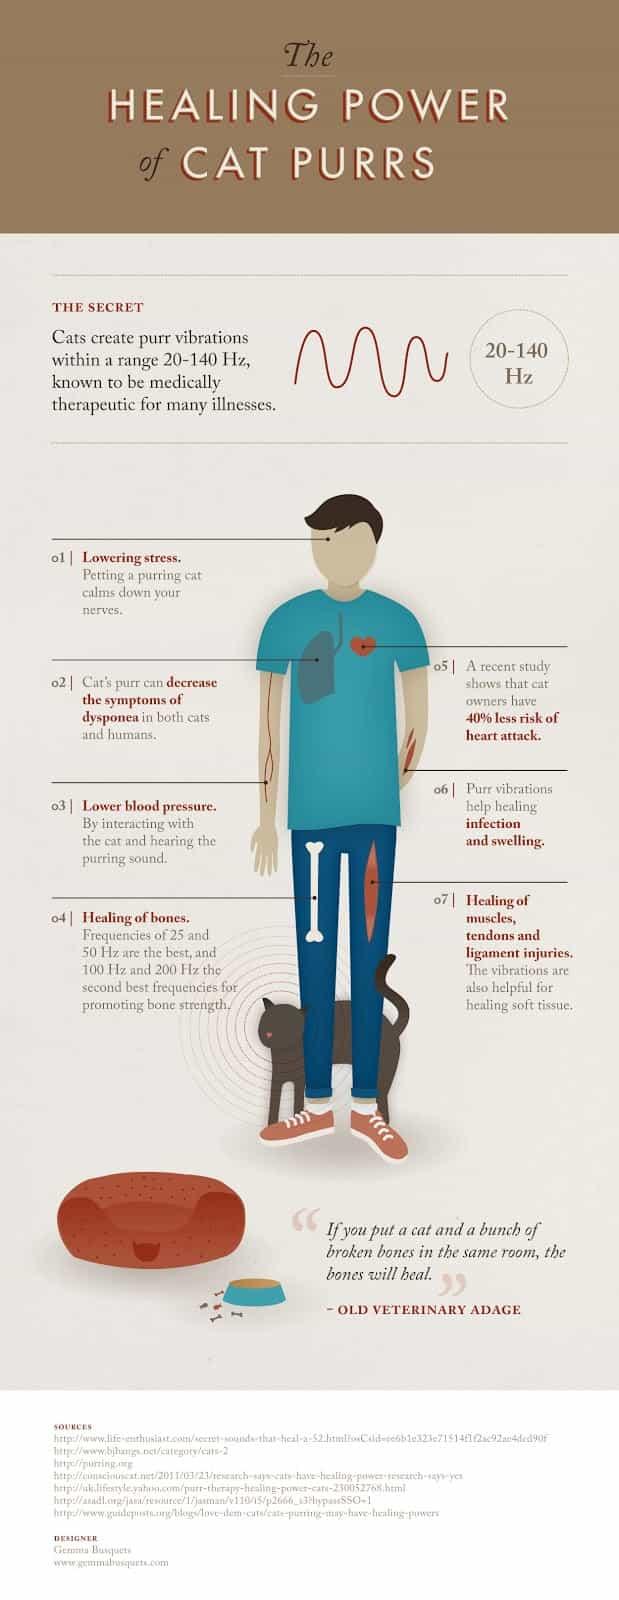 Γουργούρισμα της Γάτας: Οι Άγνωστες και Απίστευτες Θεραπευτικές Ιδιότητές του